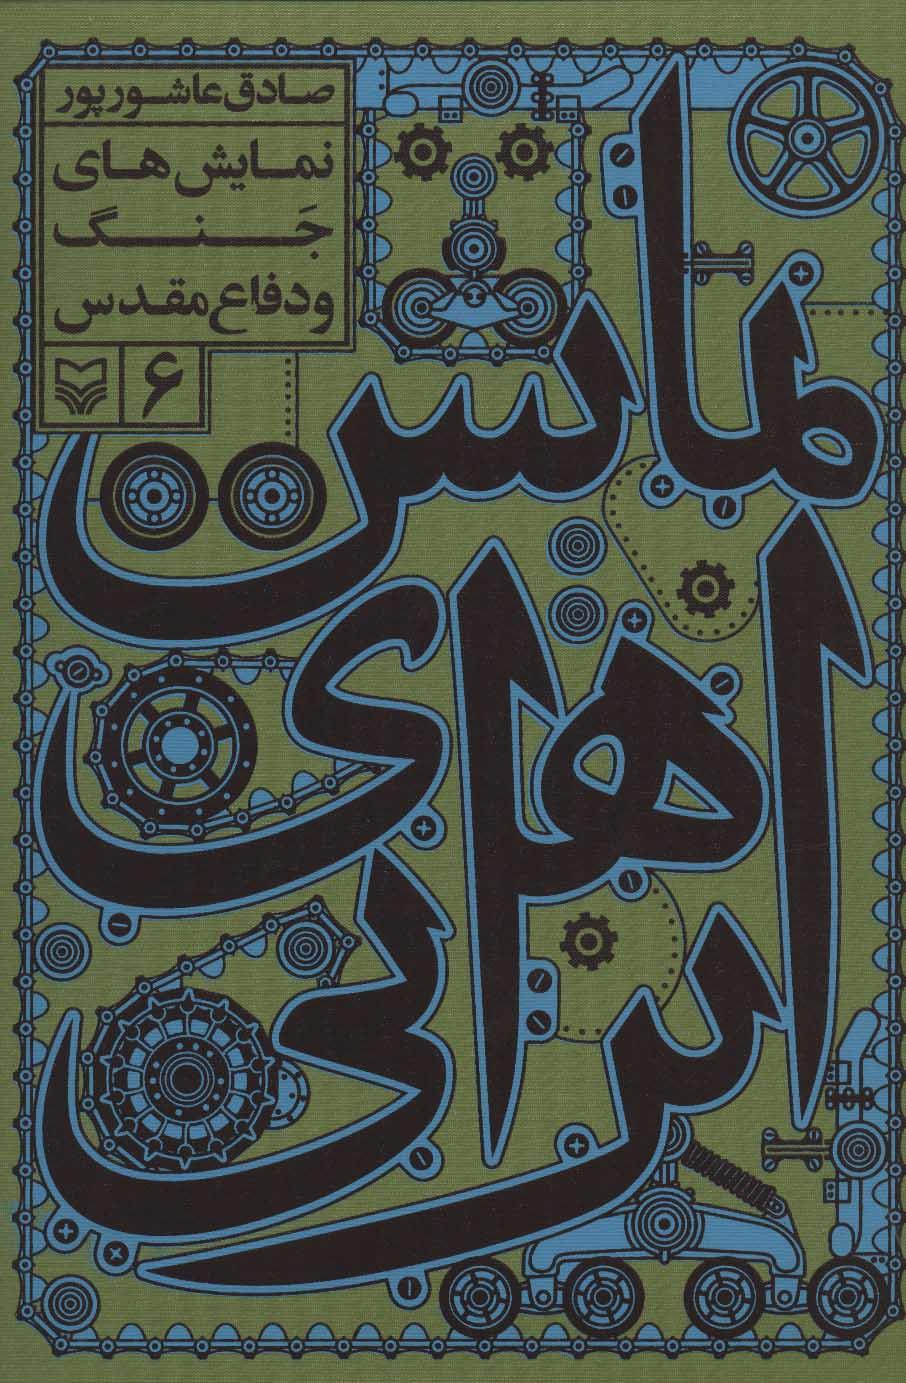 نمایش های ایرانی 6 (نمایش های جنگ و دفاع مقدس)